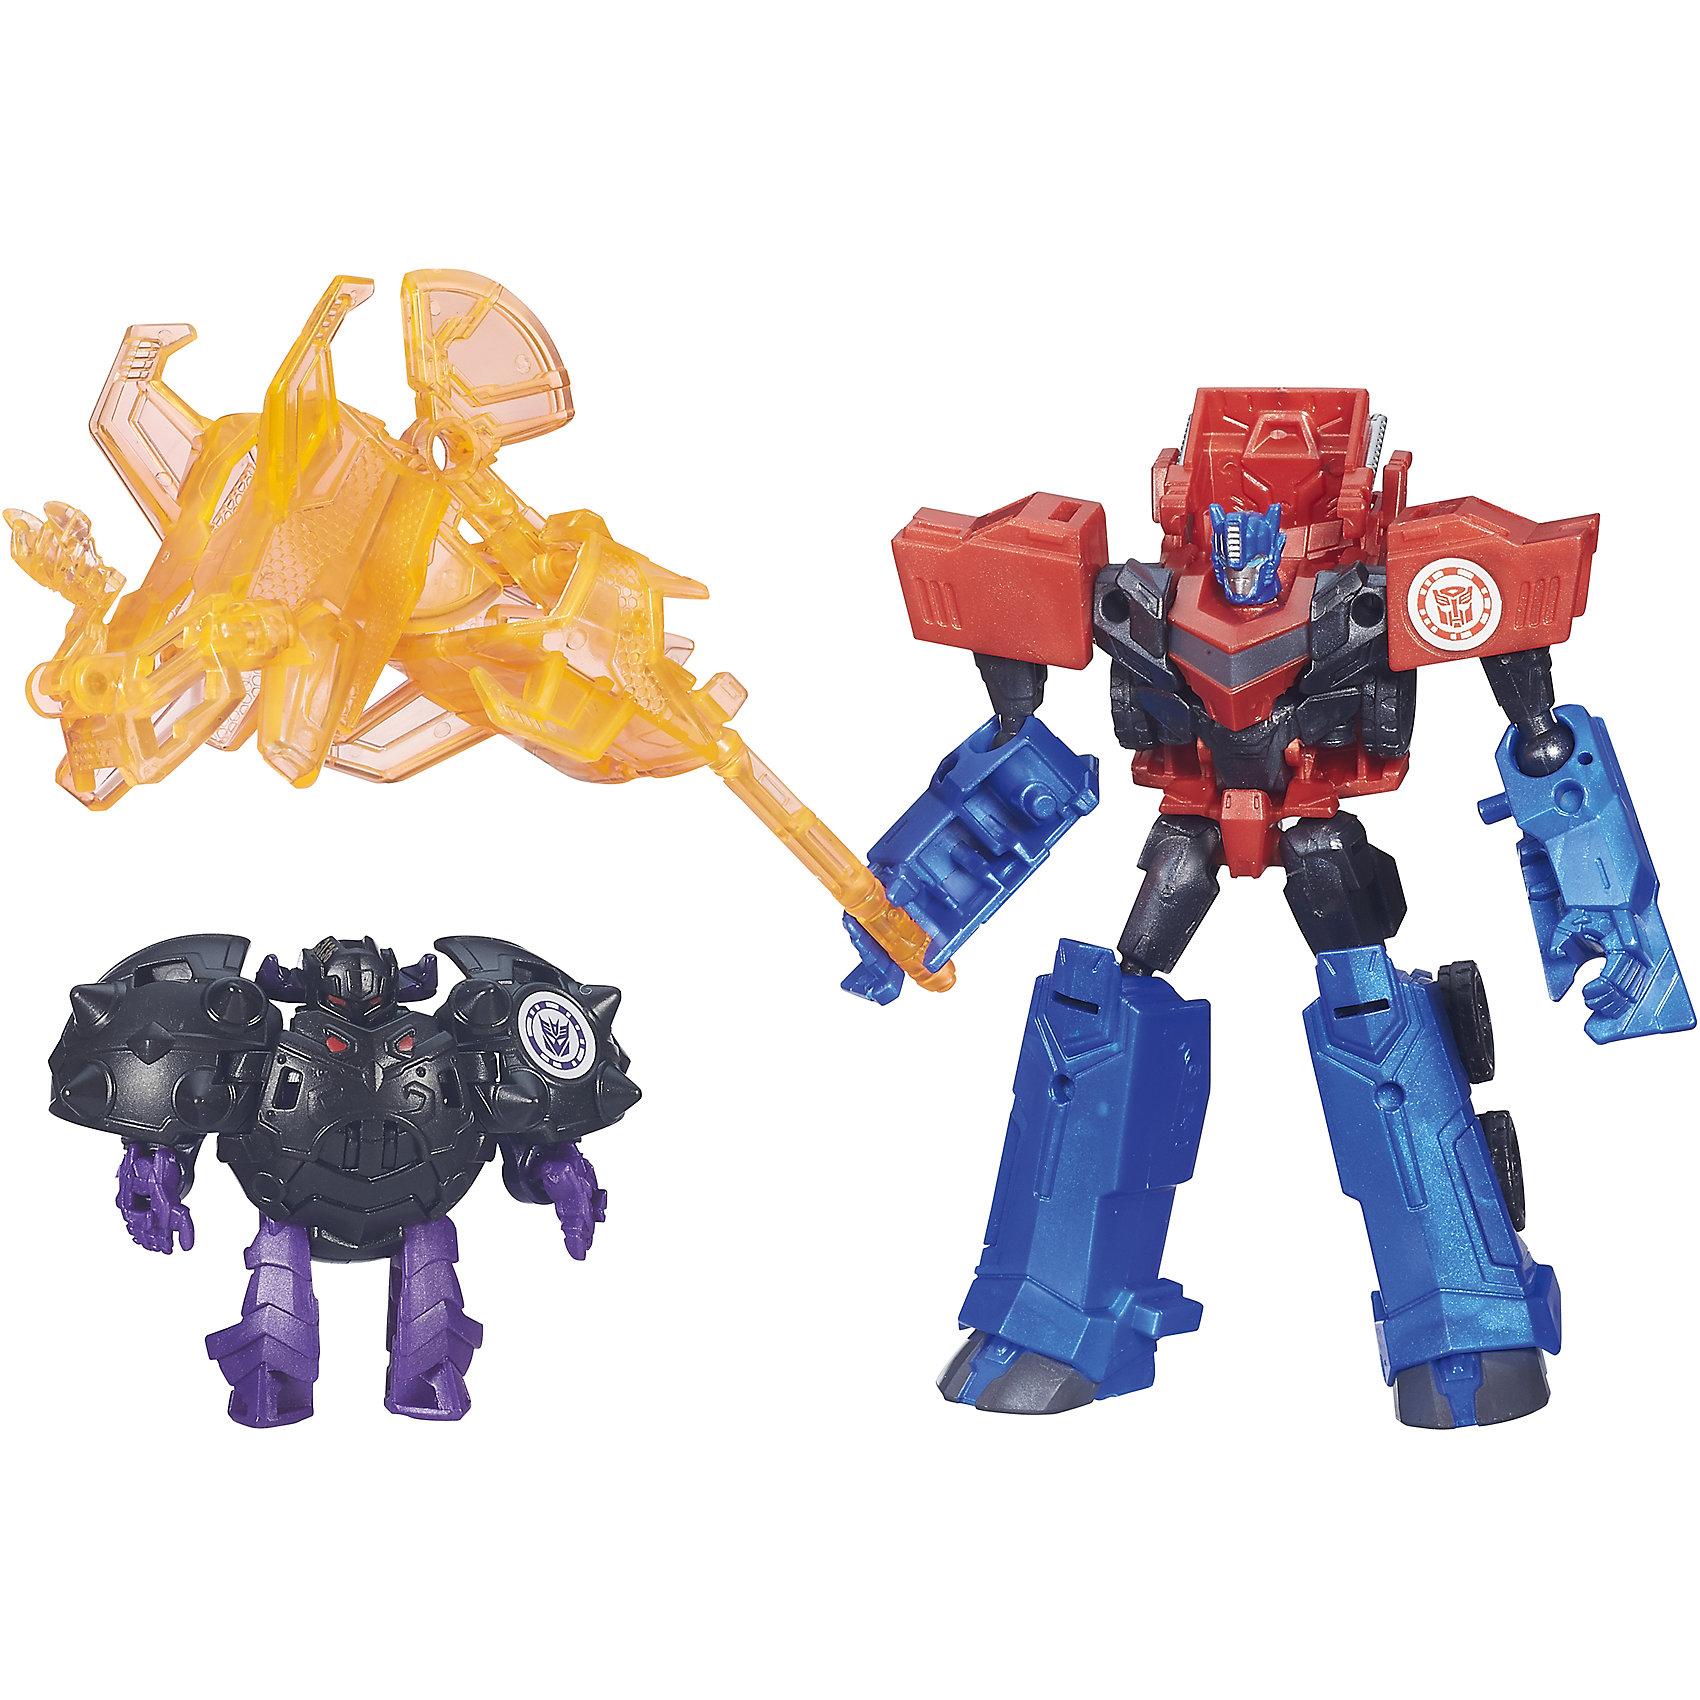 Миниконы Бэтл Пэкс, Роботс-ин-Дисгайс, Трансформеры, B4713/B4714